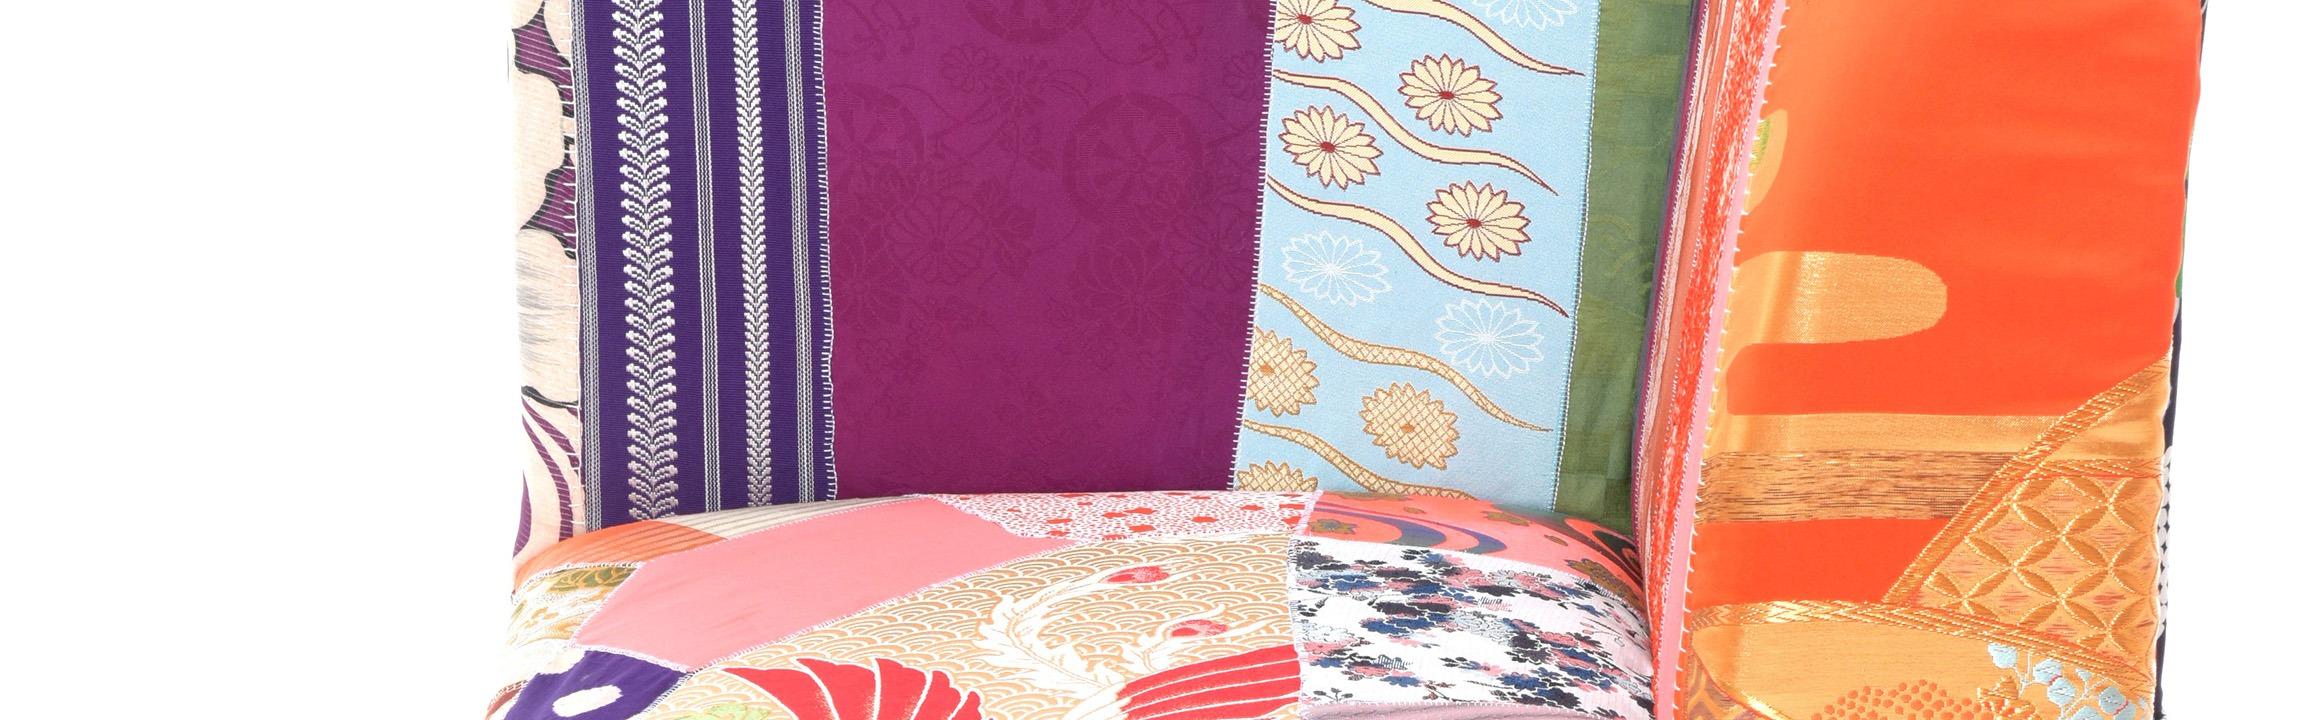 Old-Cloth Wrapping 001/ sofa メインバナー ミナトジムショ